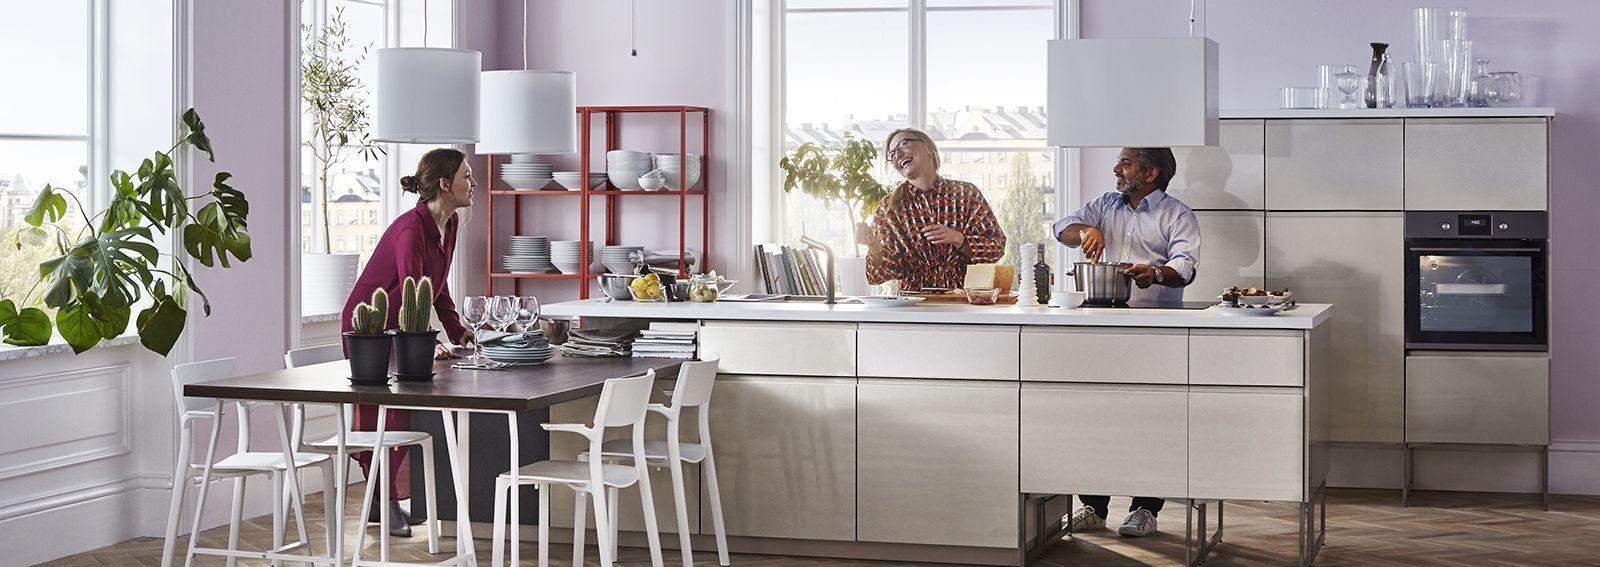 Catalogo cucine componibili affordable pics photos ikea - Ikea catalogo cucine componibili ...